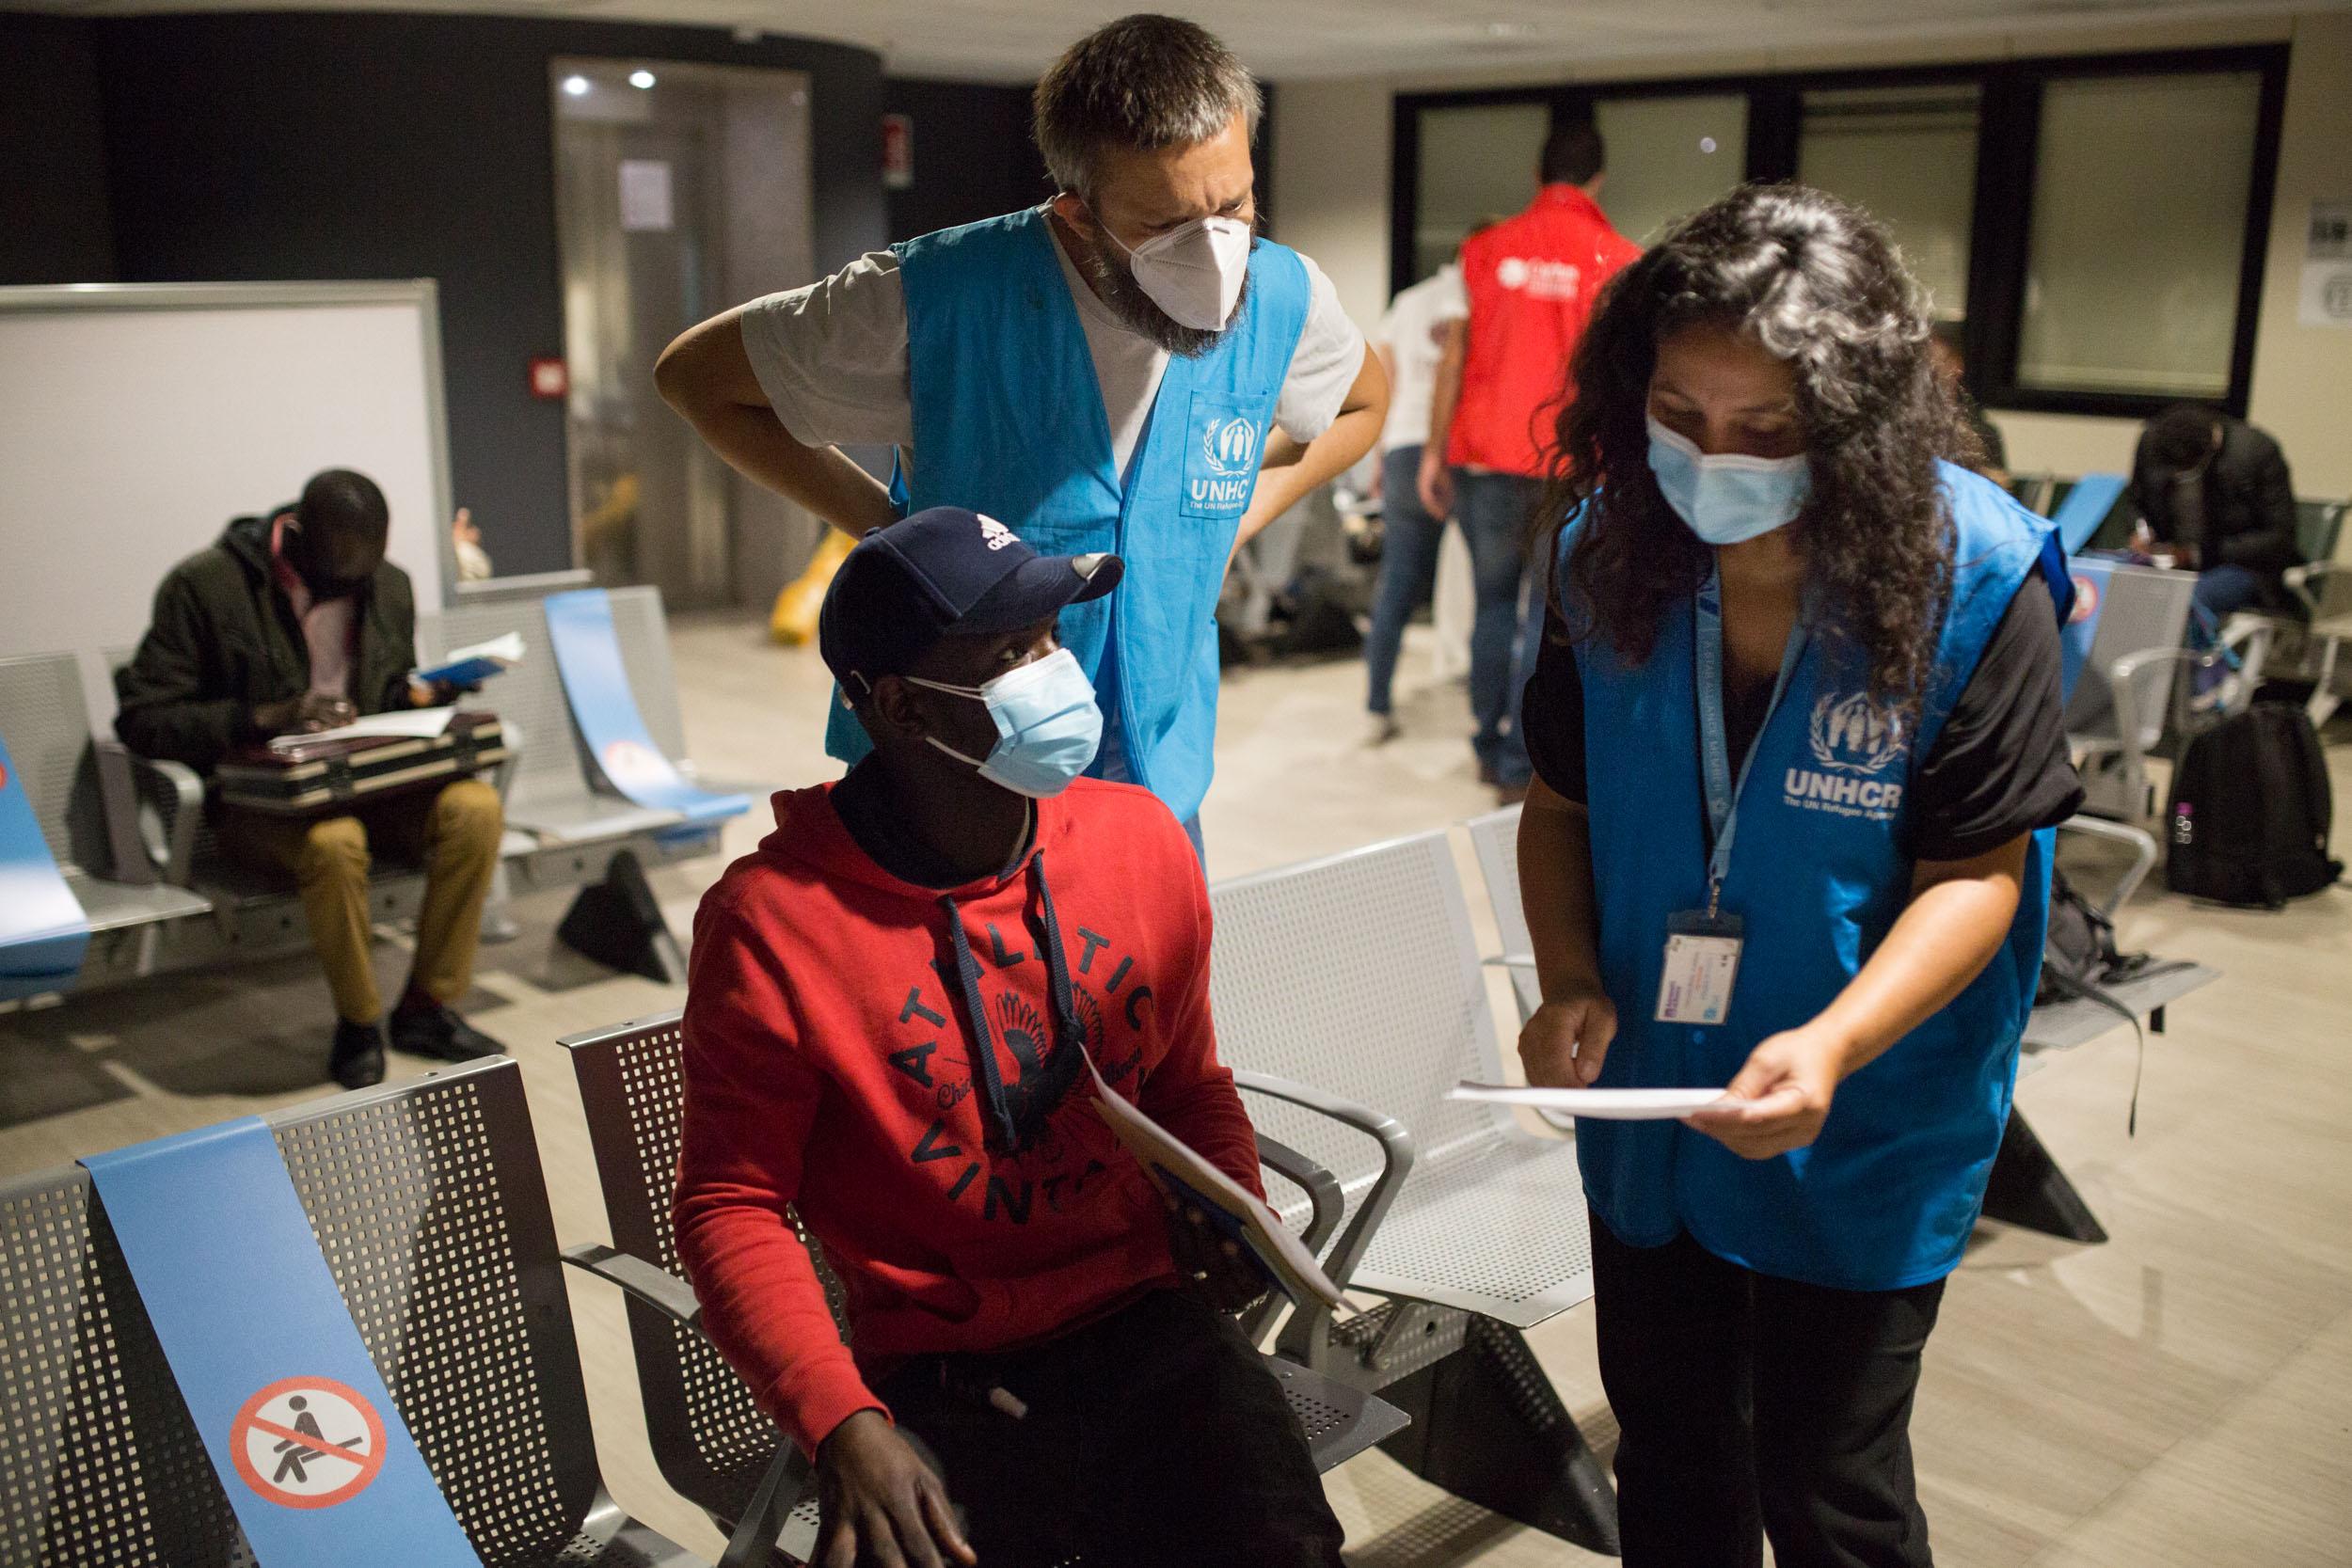 Arrivati in Italia i 20 rifugiati vincitori di borse di studio dei corridoi universitari, 3 all'Università di Sassari